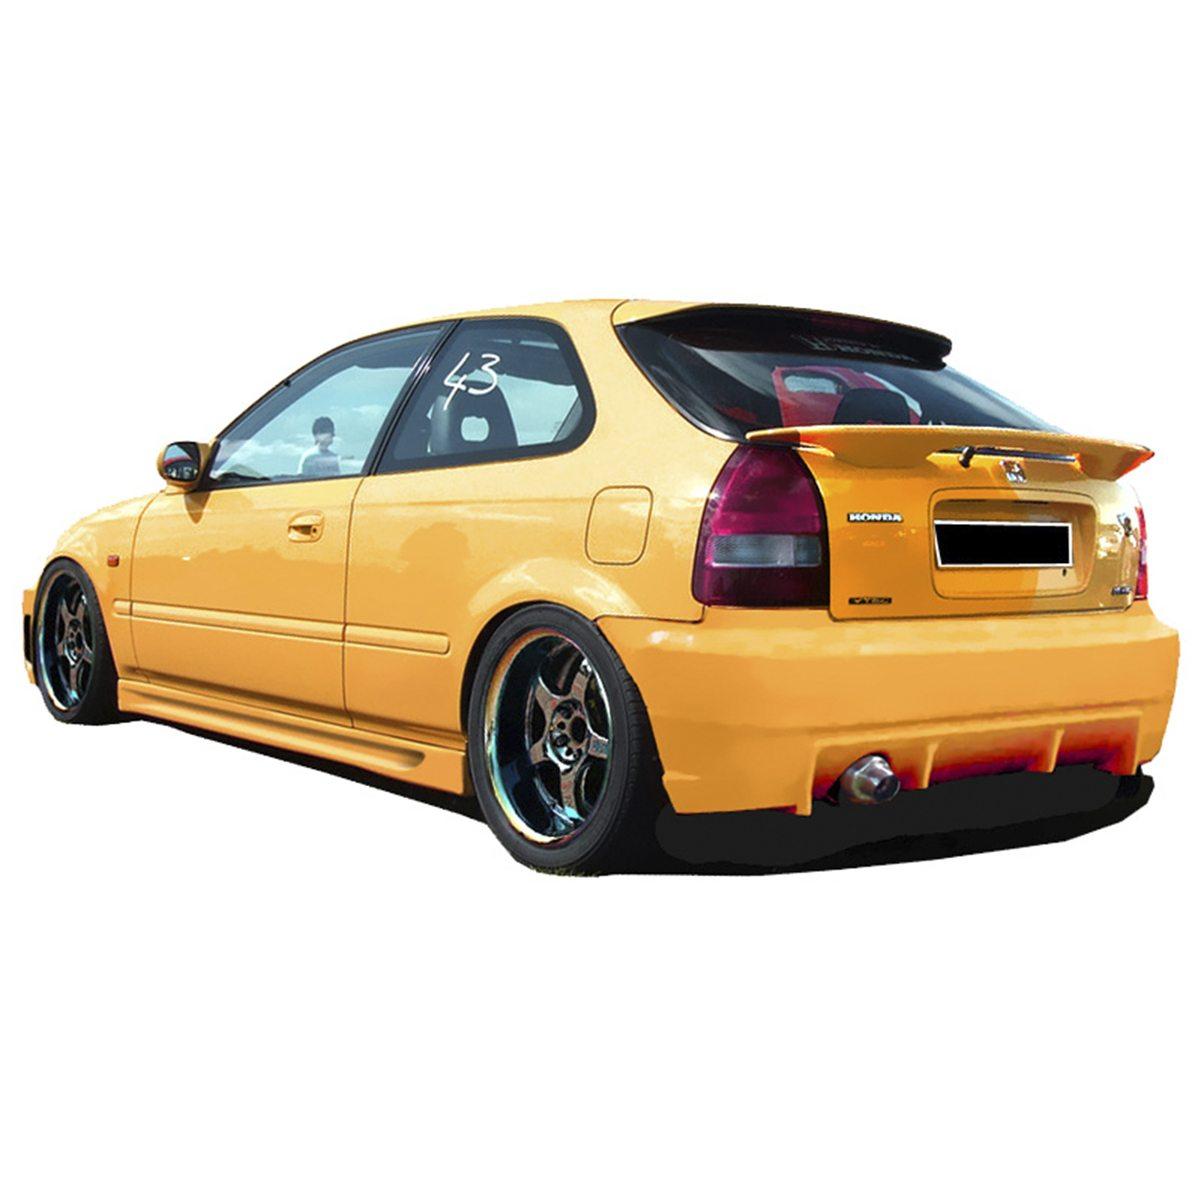 Honda-Civic-98-Dragon-Tras-PCU0085